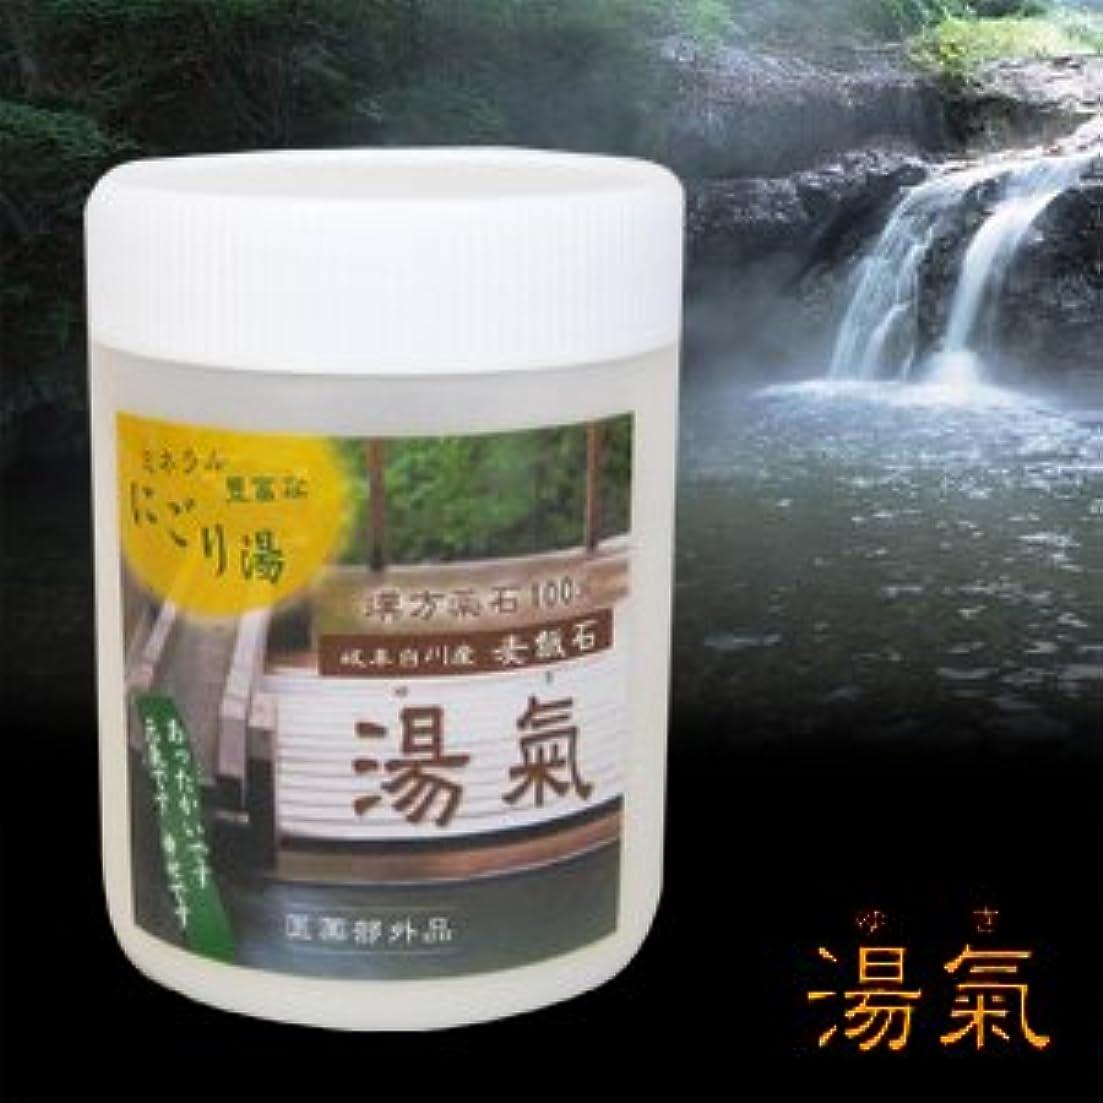 ストッキング石鹸リップ【医薬部外品】岐阜県白川産麦飯石 湯氣 (浴用剤)